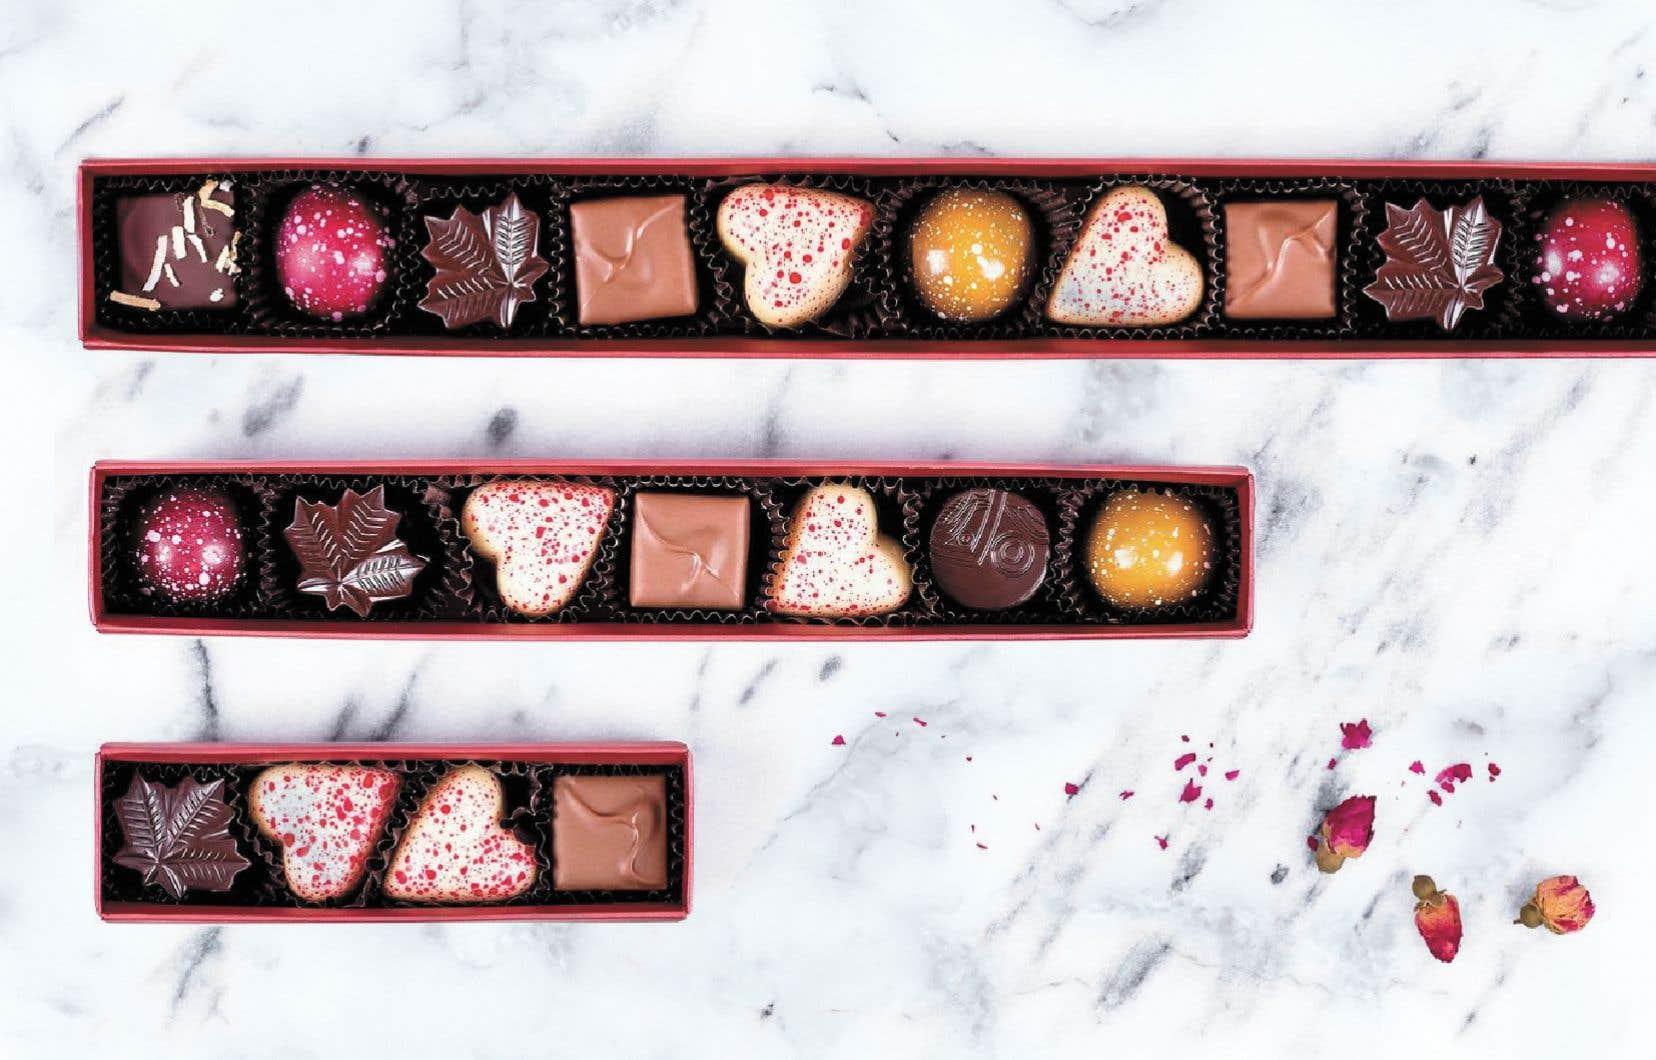 Chocolat Boréal, une chocolaterie située dans le quartier Sud-Ouest à Montréal, propose des produits qui mettent en valeur le terroir québécois.